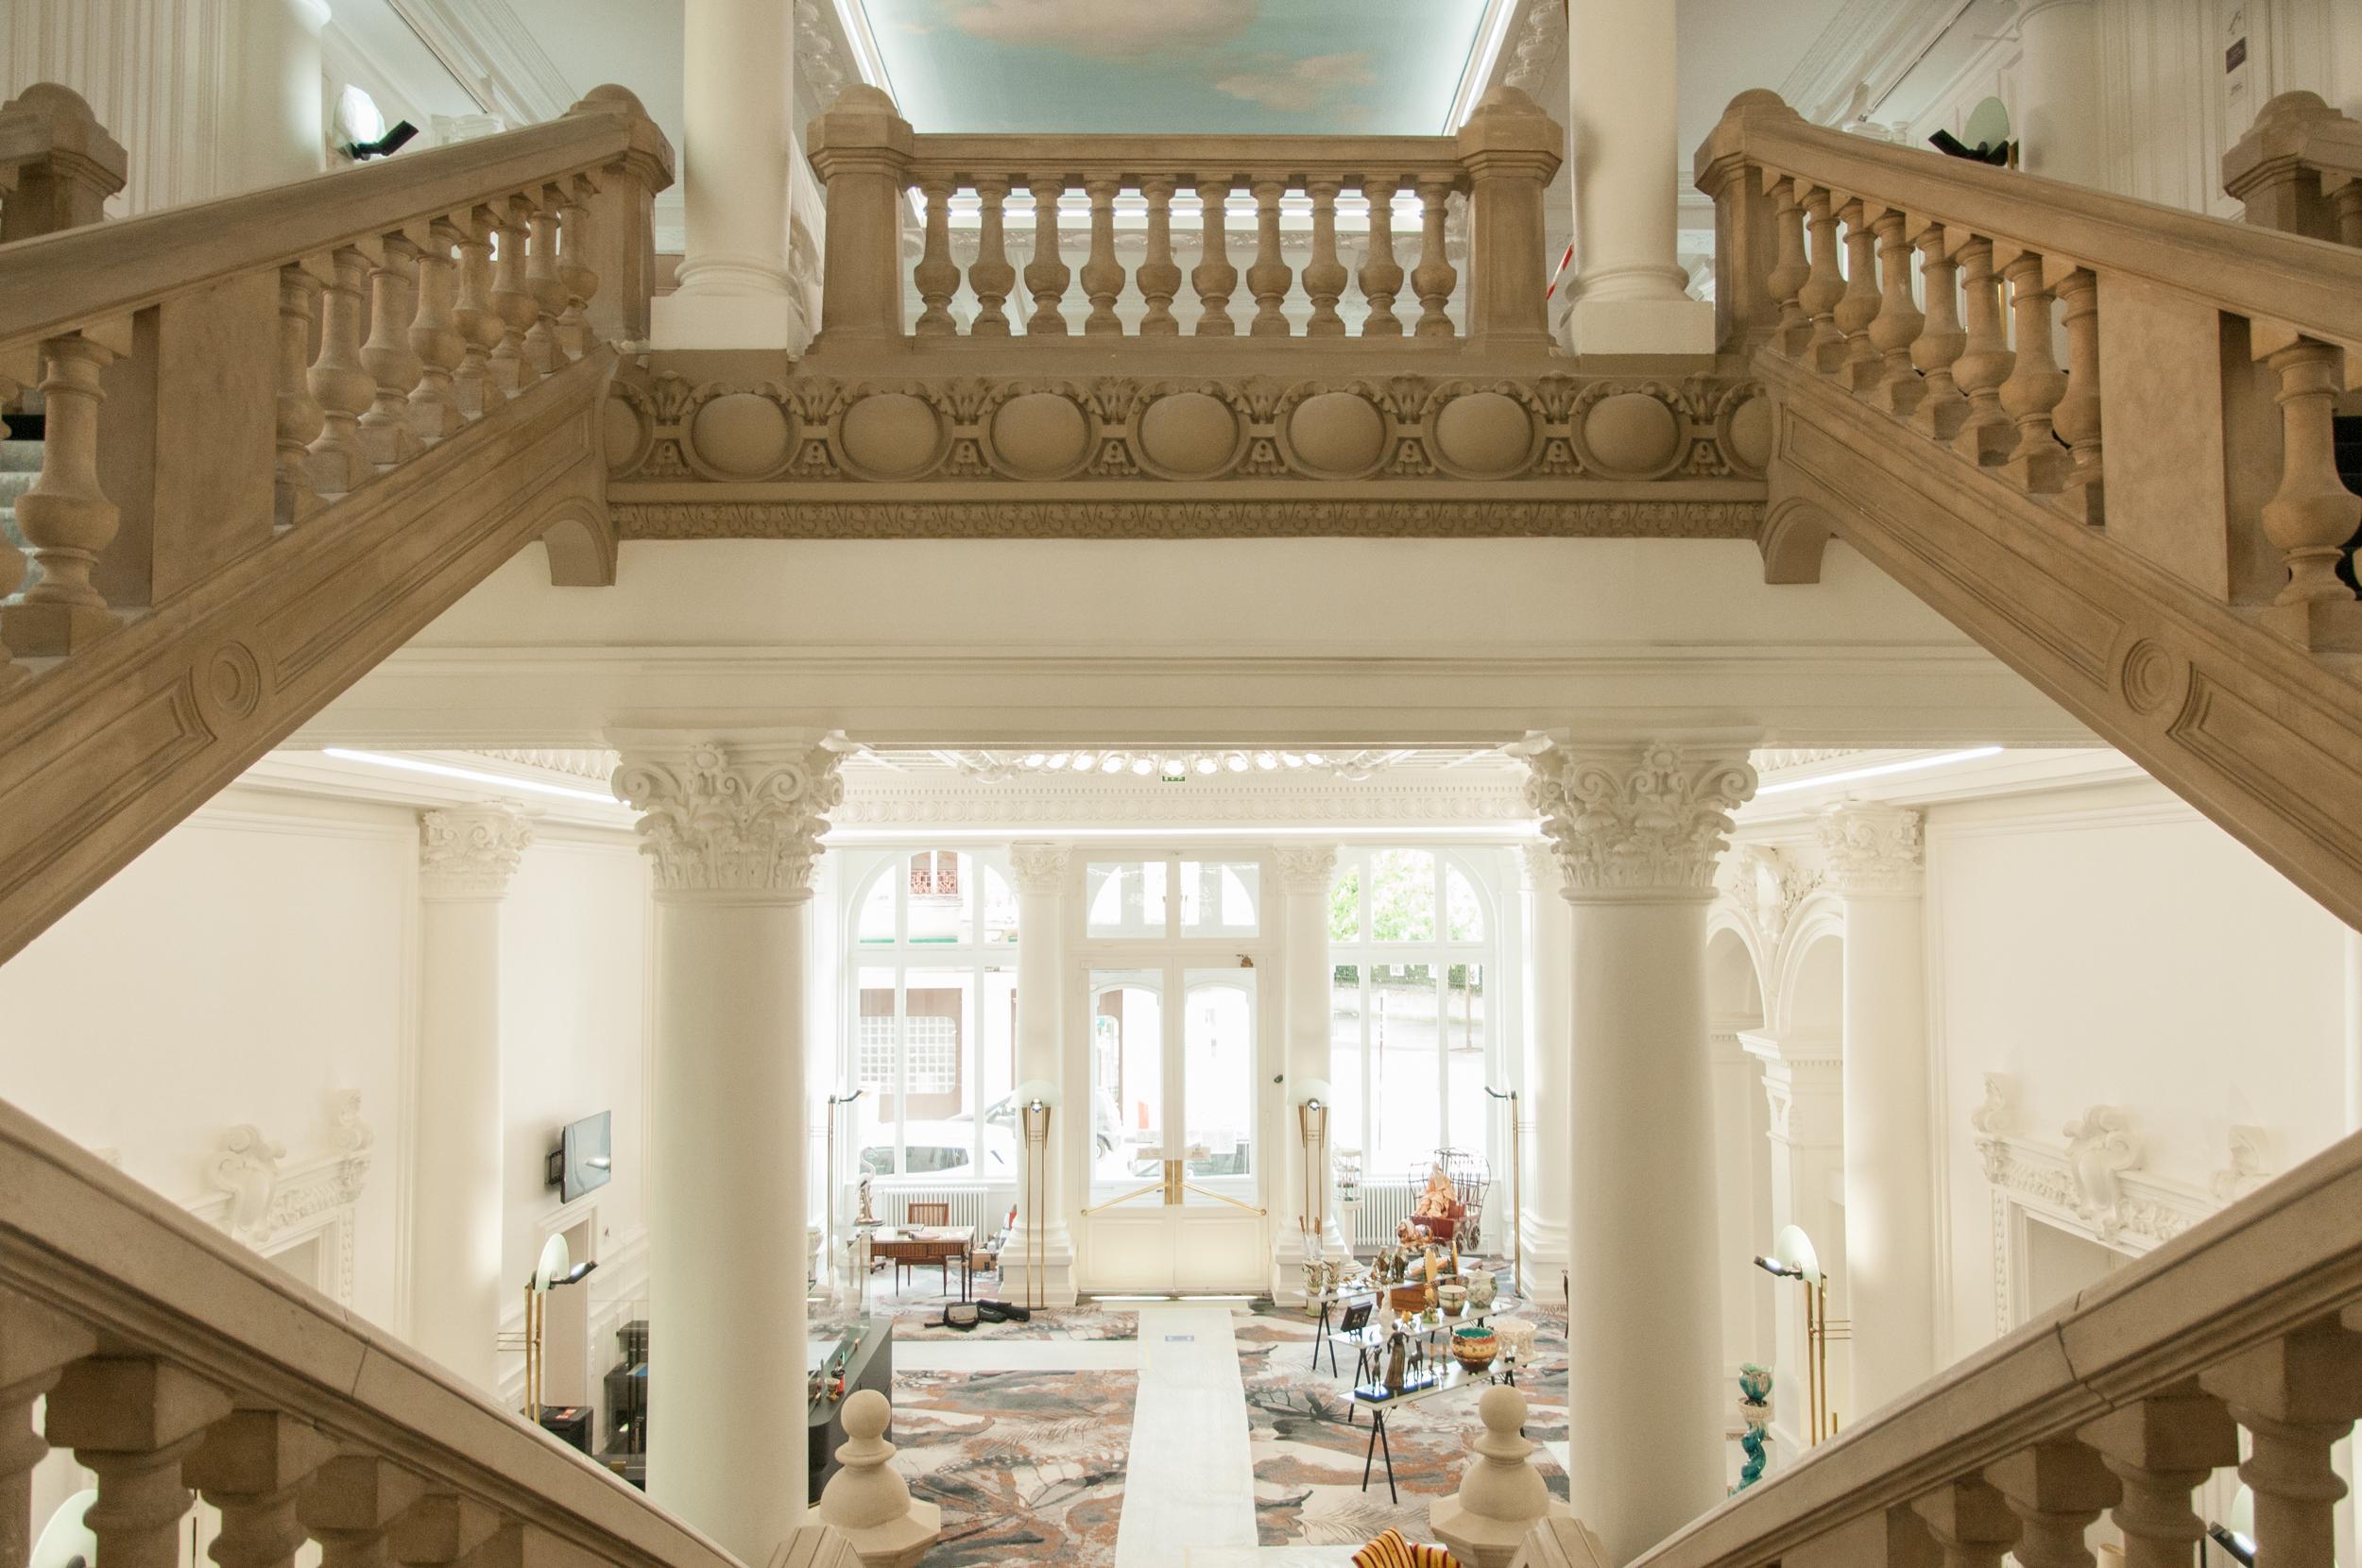 Grand hôtel tonneau d'or